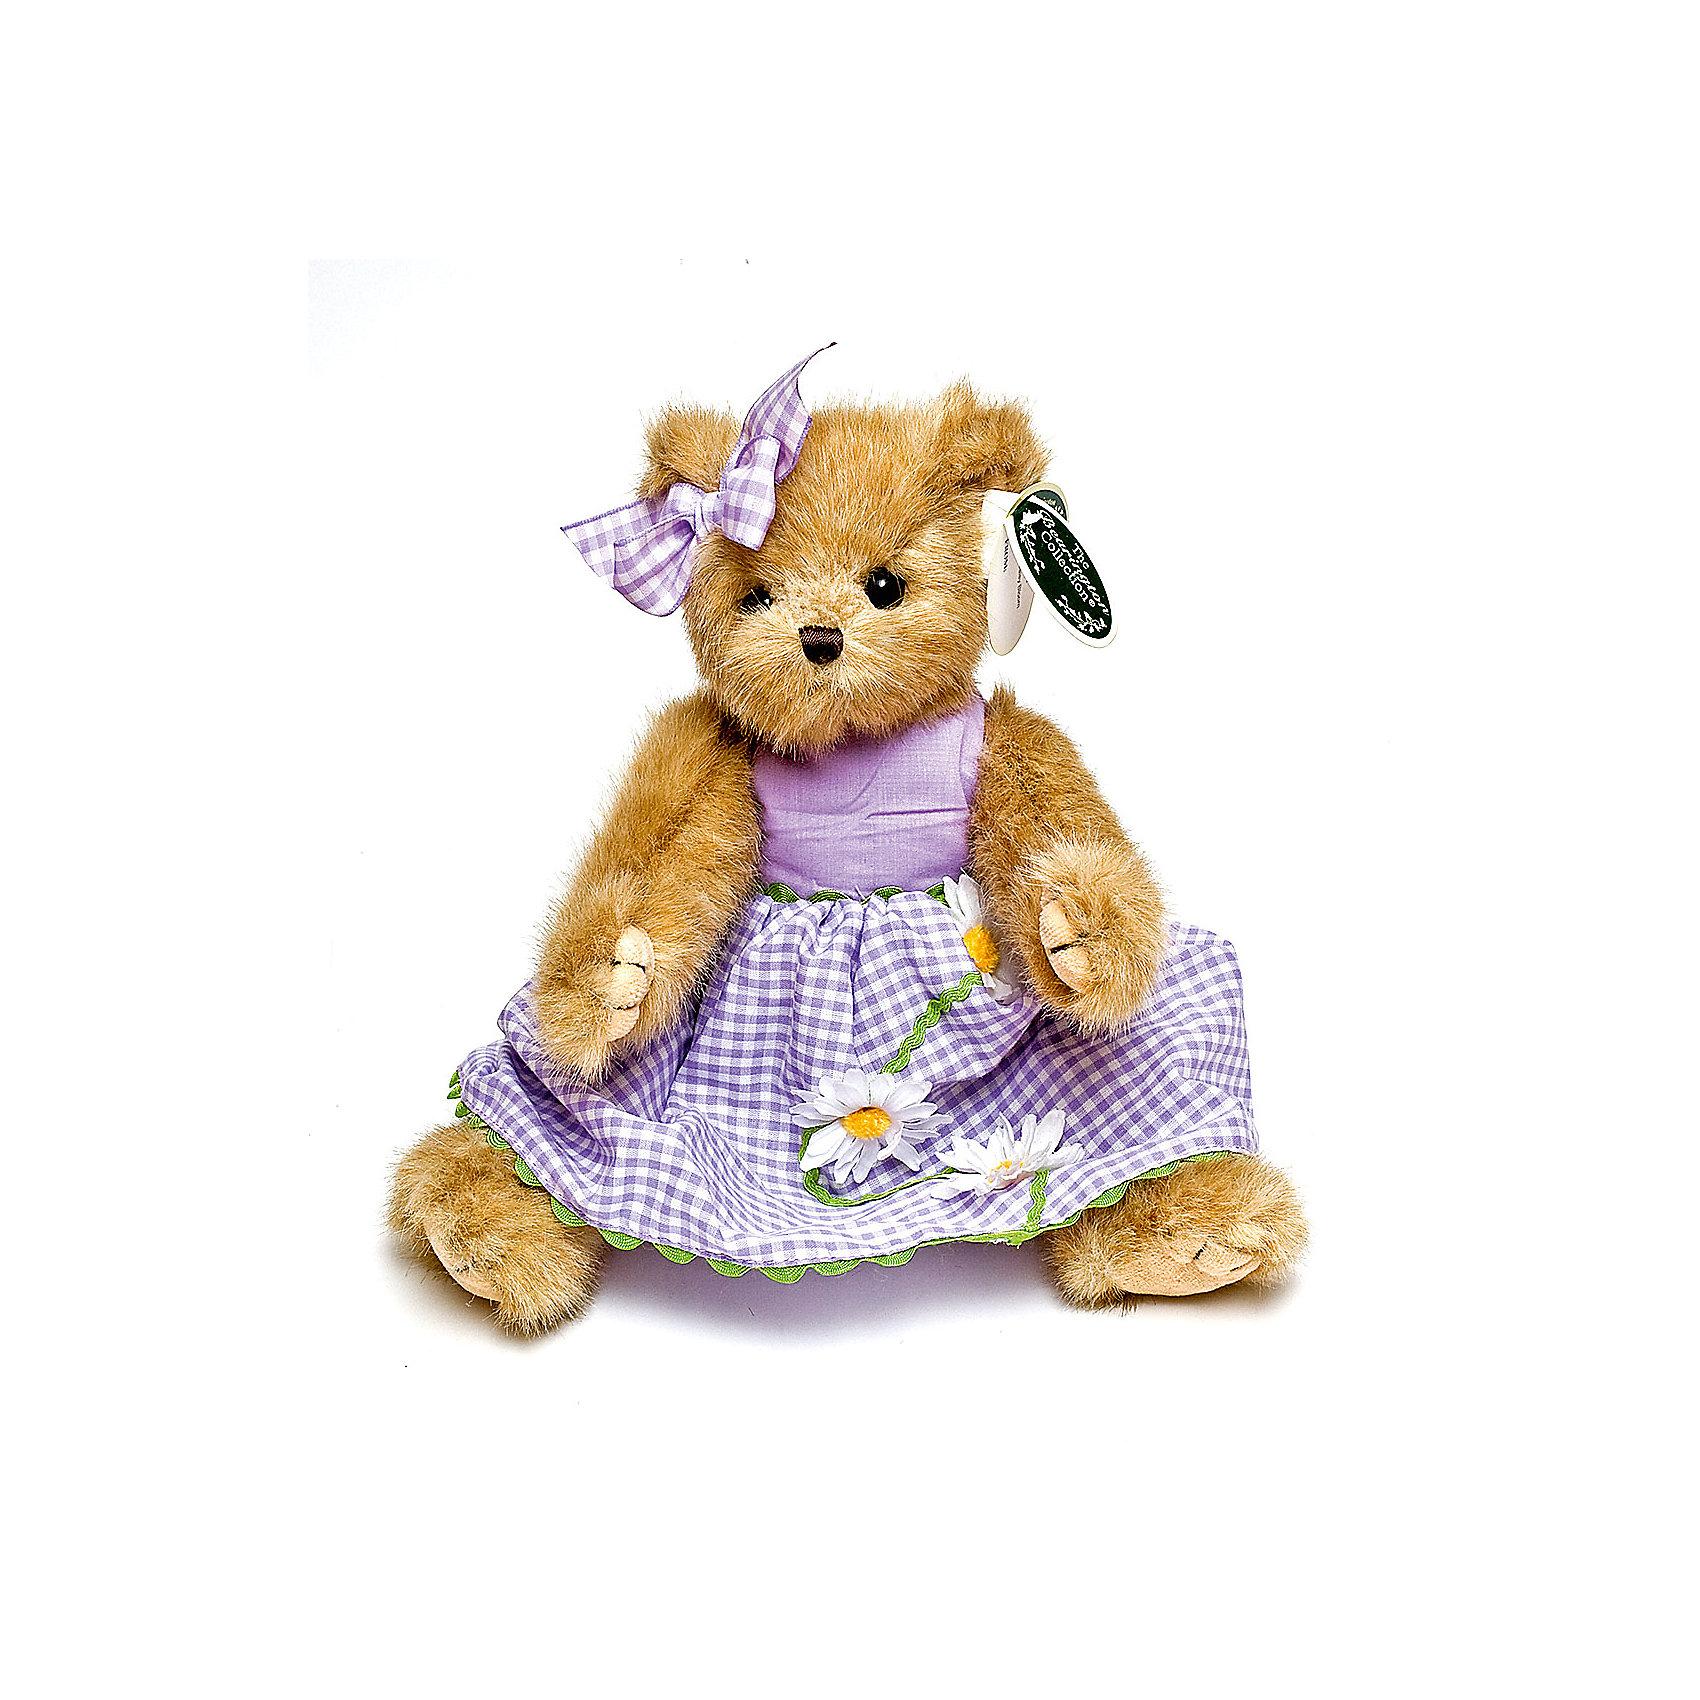 Мишка, 36 см, BearingtonМишка, 36 см, Bearington (Берингтон).<br><br>Характеристики:<br><br>- Высота игрушки: 36 см.<br>- Материал: искусственный мех, текстиль, набивка - полиэфирное волокно<br><br>Симпатичный мишка Тедди в сиреневом платье и с бантиком на ушке от американской компании Bearington (Берингтон) покорит Вас обаянием и красотой. Игрушка непременно вызовет положительные эмоции и подарит Вам свою любовь и тепло. У мишки очаровательная мордочка, забавный носик и черные как угольки глазки. Игрушка изготовлена из нежного высококачественного искусственного меха по классическим традициям производства мишек Тедди. Лапки игрушки крепятся таким образом, что их можно вращать по отношению к туловищу на 360 градусов, и придавать мишке разнообразные позы. Голова вращается. Чудесное платье сшито из высококачественных экологически чистых материалов. Крой и отделка наряда созданы с любовью, что придает игрушке особый шарм. Платье можно снимать и одевать. Играть с мишкой Тедди от Беарингтон также интересно, как и с куклами. Благодаря чудесному образу и высококачественному исполнению мишка станет лучшим подарком для девочек и девушек с утонченным изысканным вкусом и для коллекционеров мишек Тедди.<br><br>Мишку, 36 см, Bearington (Берингтон) можно купить в нашем интернет-магазине.<br><br>Ширина мм: 9999<br>Глубина мм: 9999<br>Высота мм: 9999<br>Вес г: 270<br>Возраст от месяцев: 36<br>Возраст до месяцев: 2147483647<br>Пол: Женский<br>Возраст: Детский<br>SKU: 5119965